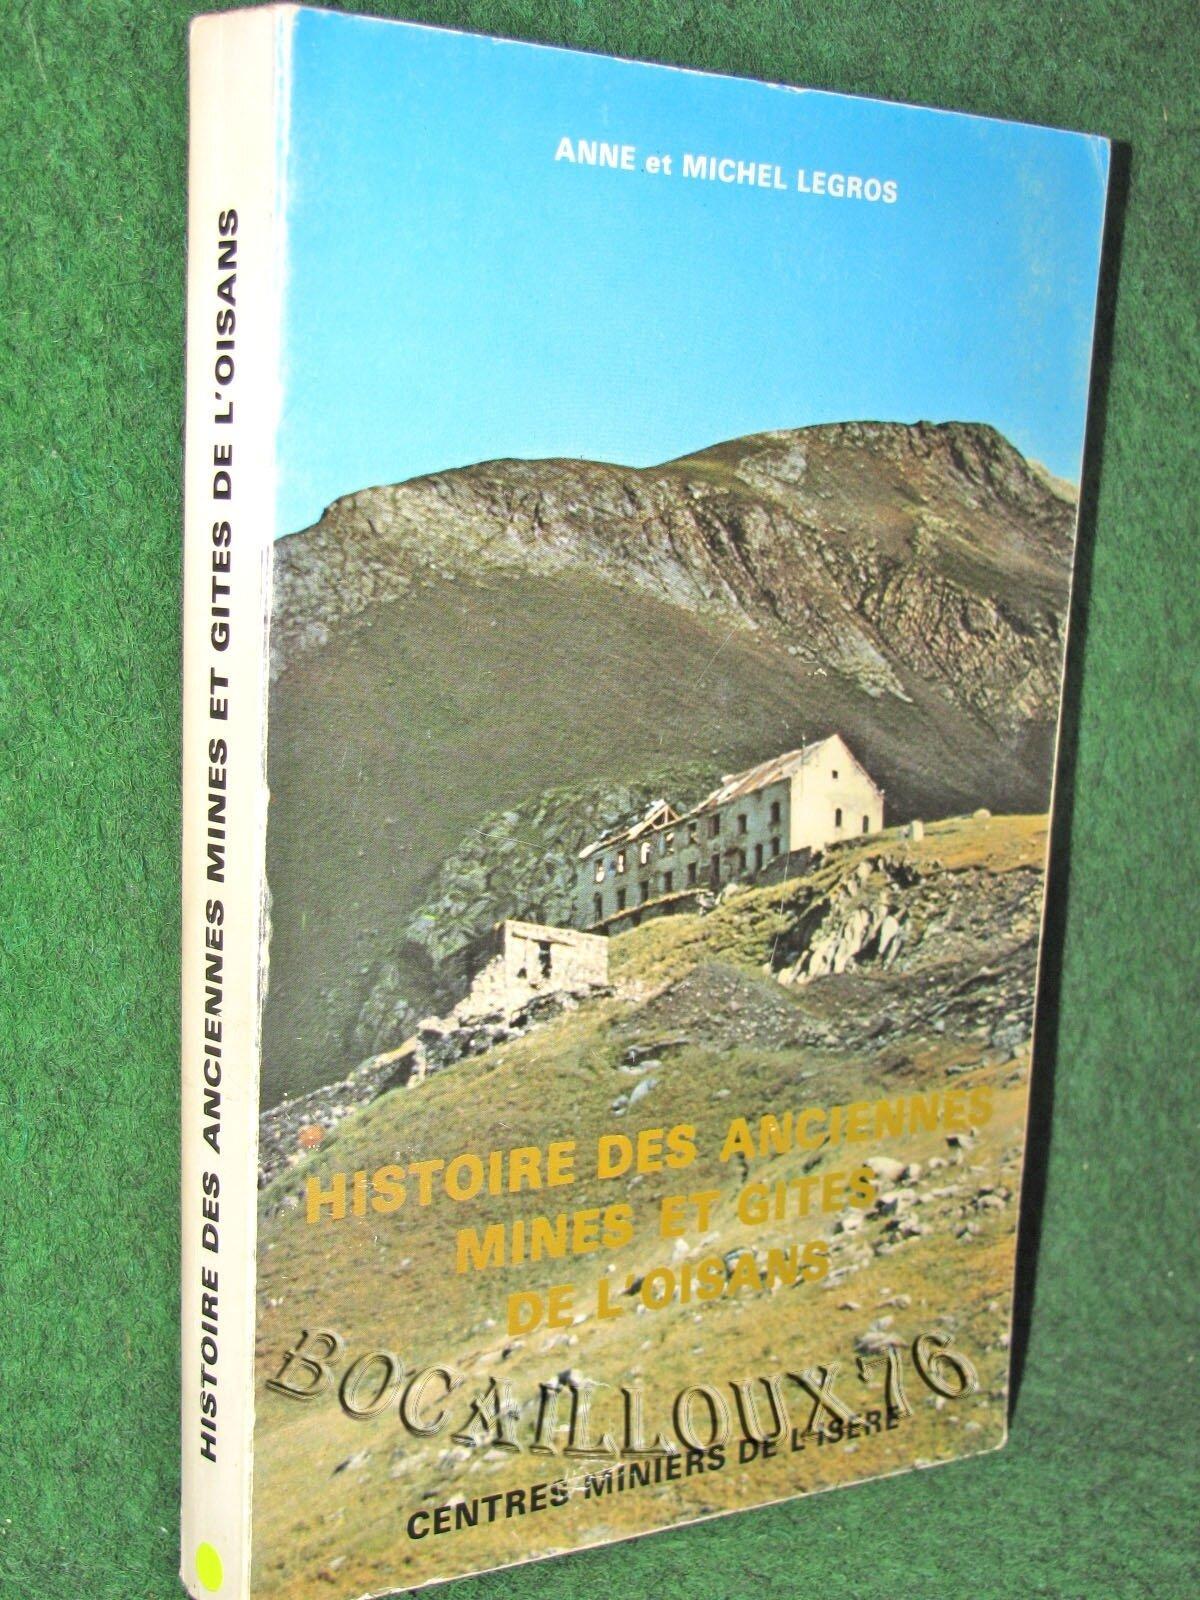 ANCIENNES MINES ET GÎTES DE L'OISANS (LEGROS ANNE et MICHEL)